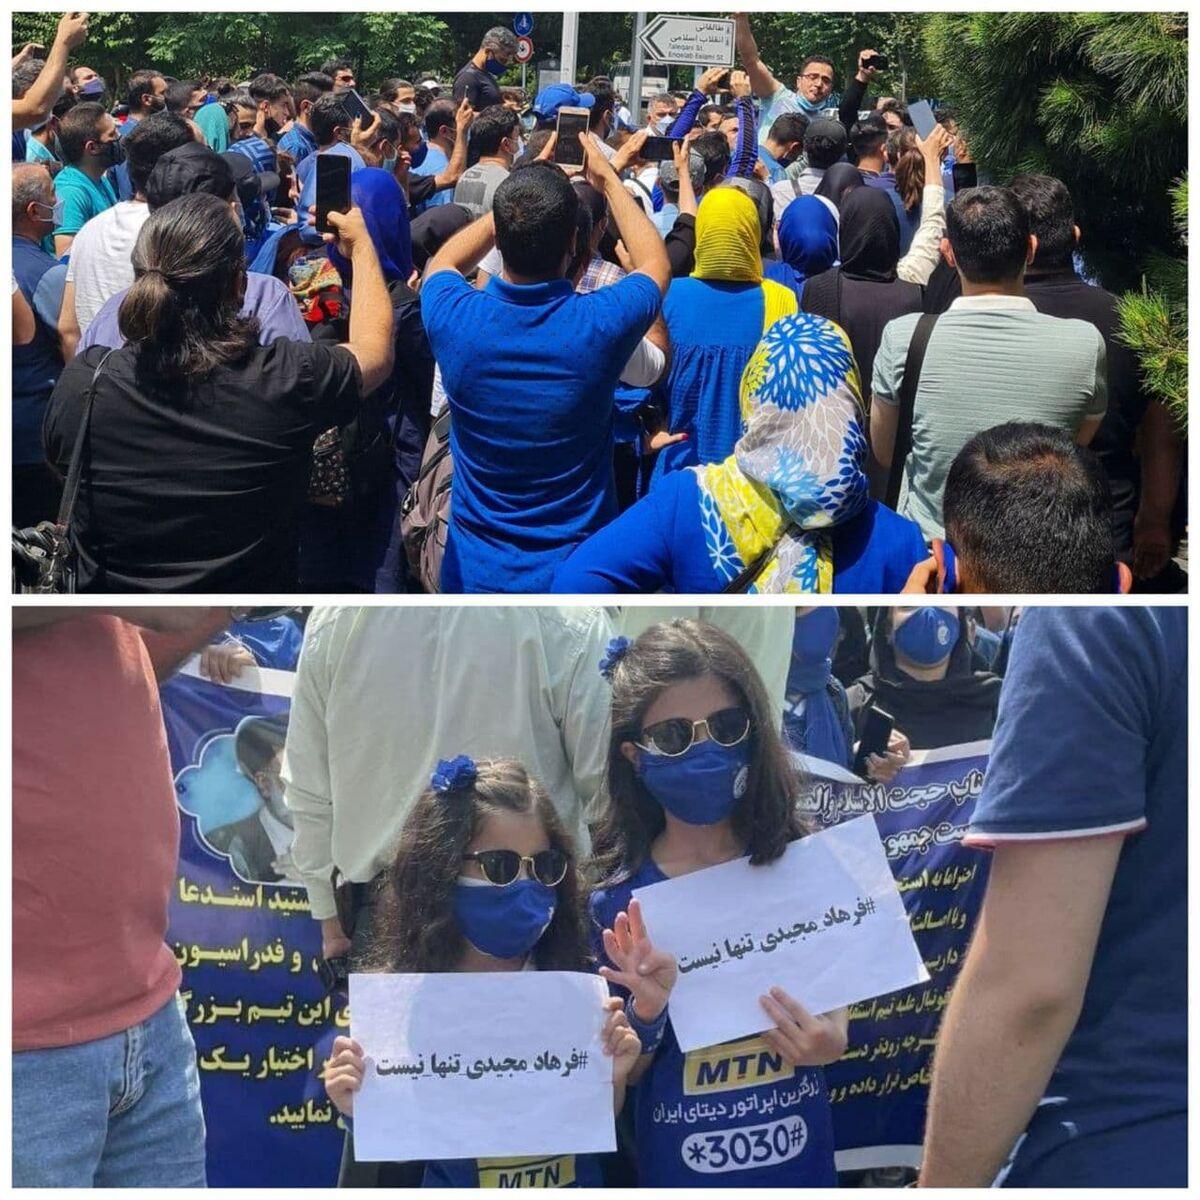 تصاویر تجمع استقلالیها مقابل قوه قضاییه/ هشتگ ویژه برای فرهاد مجیدی؛ شعار علیه مددی